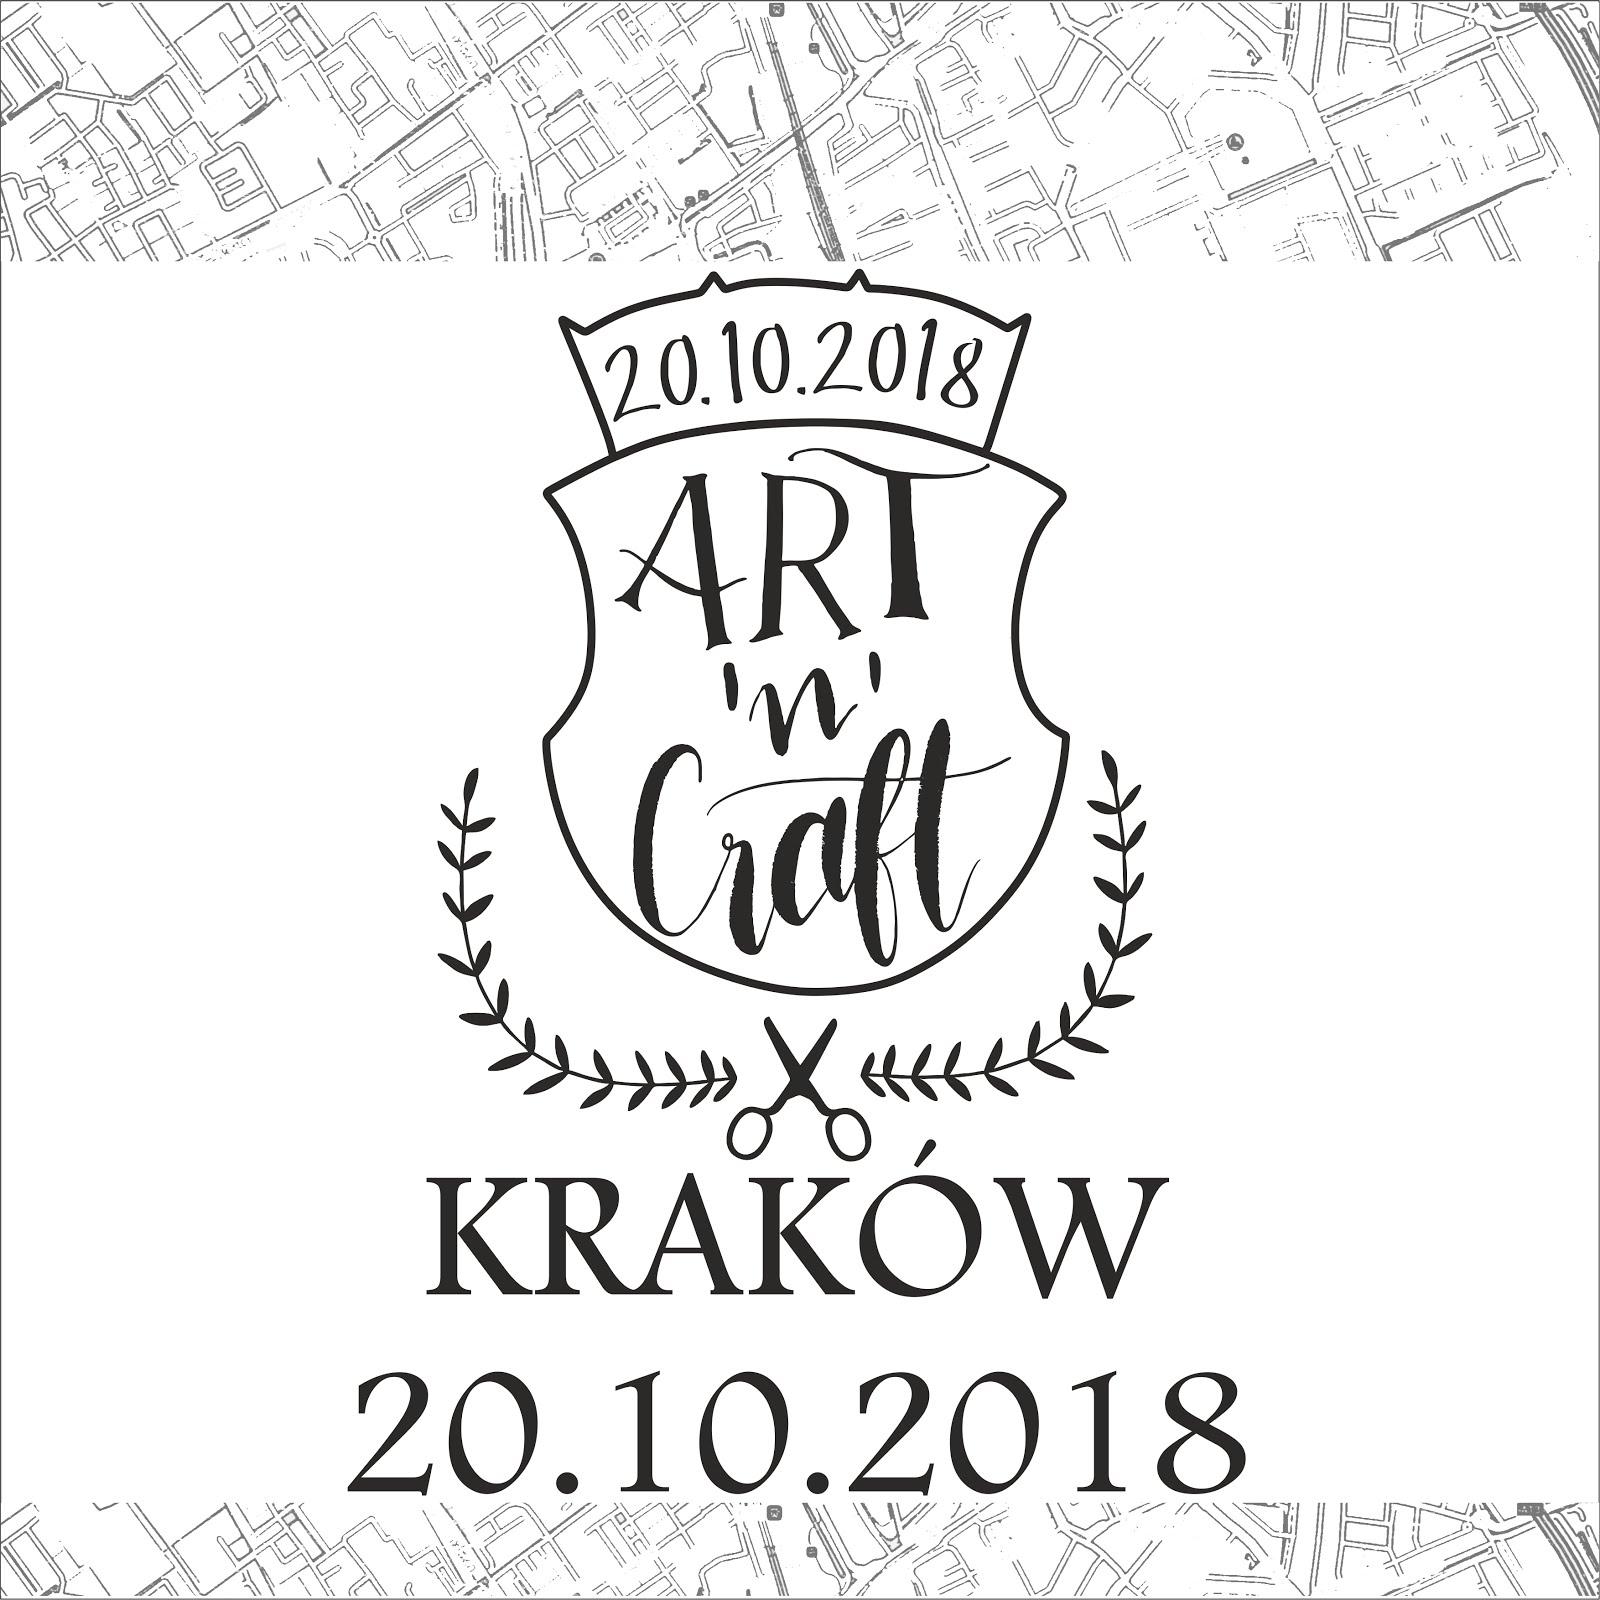 Art'n'Craft Kraków 20.10.2018